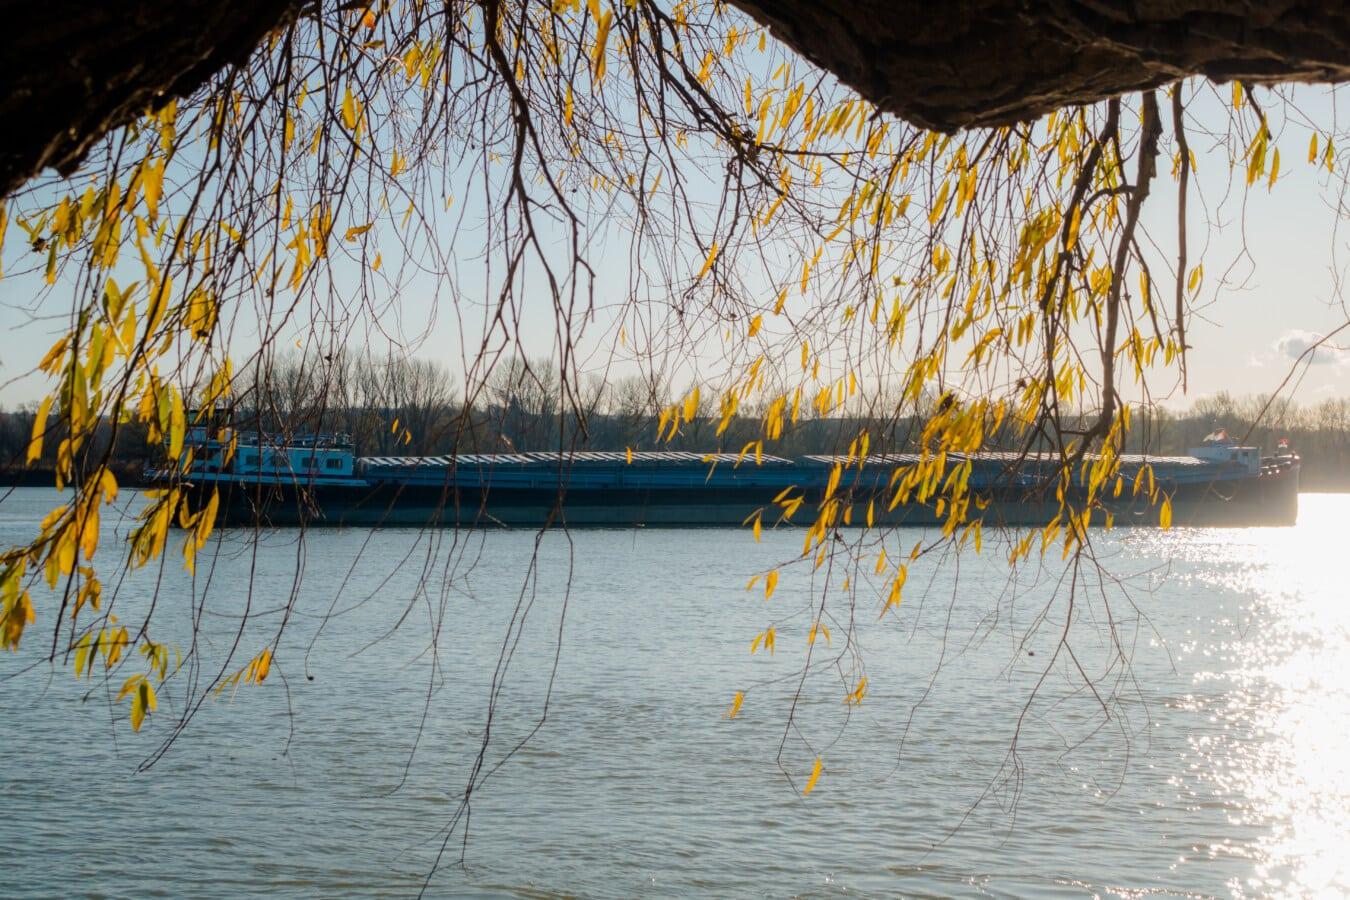 Versand, Lastkahn, Frachtschiff, Geäst, gelbe Blätter, sonnig, Tag, Natur, Wasser, Holz